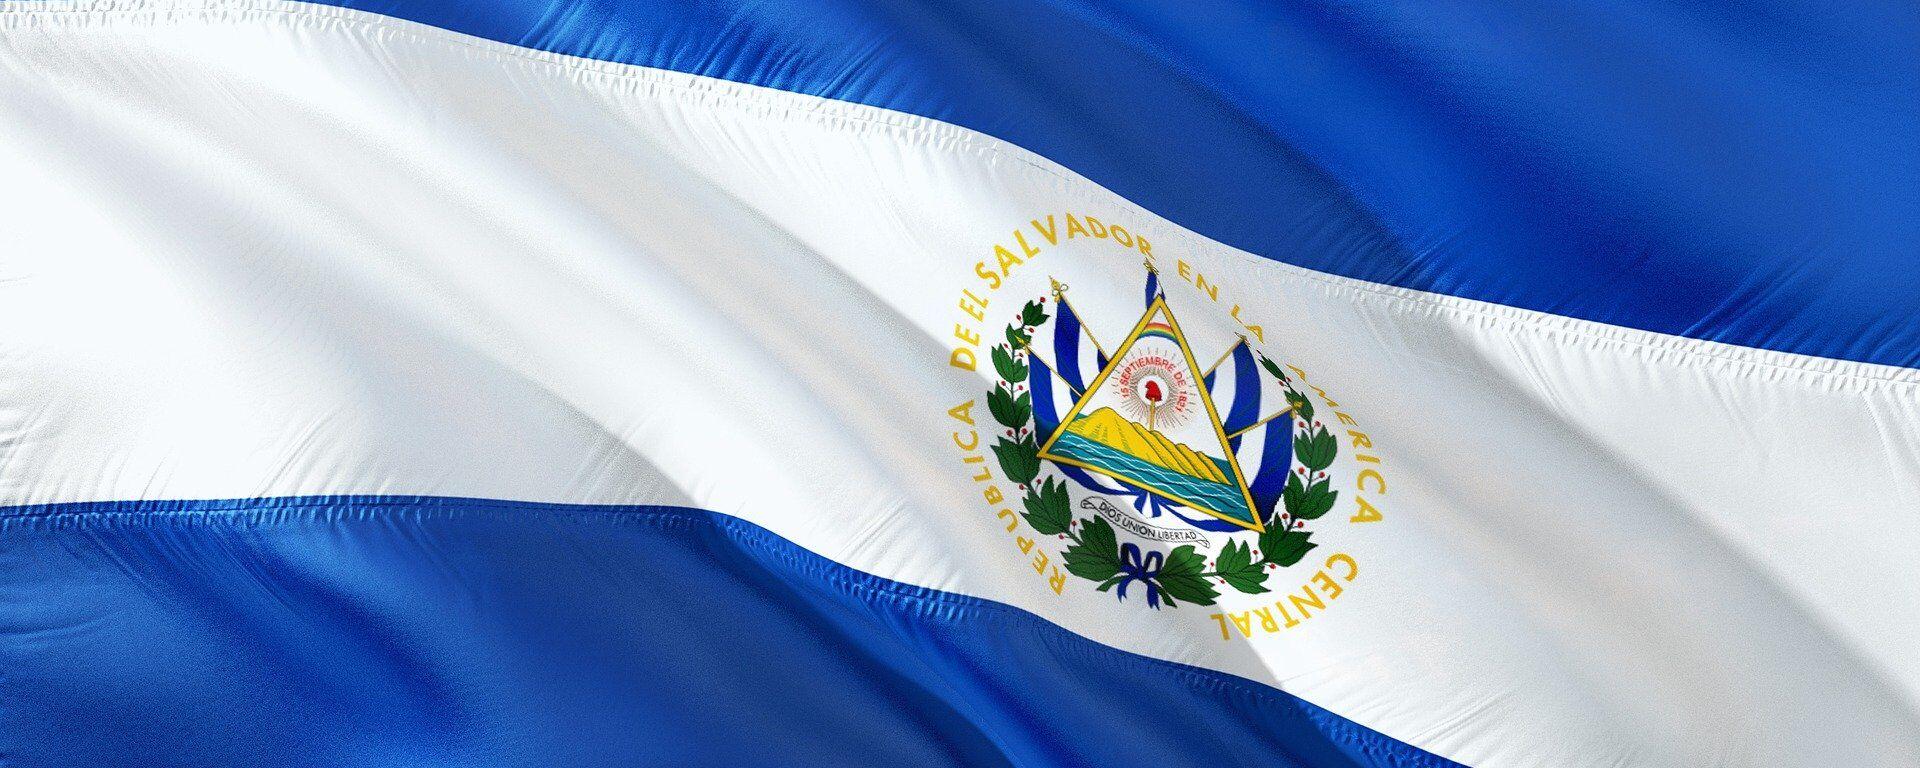 Bandera de El Salvador - Sputnik Mundo, 1920, 30.01.2021